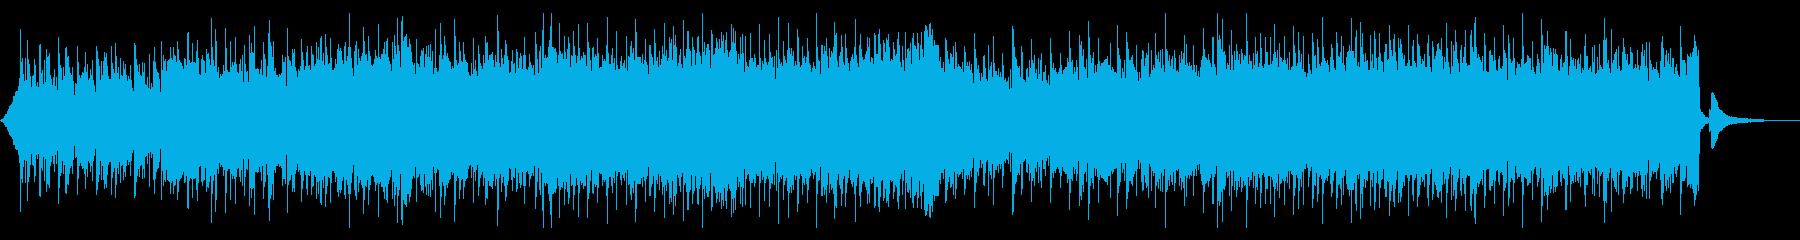 breakthroughの再生済みの波形